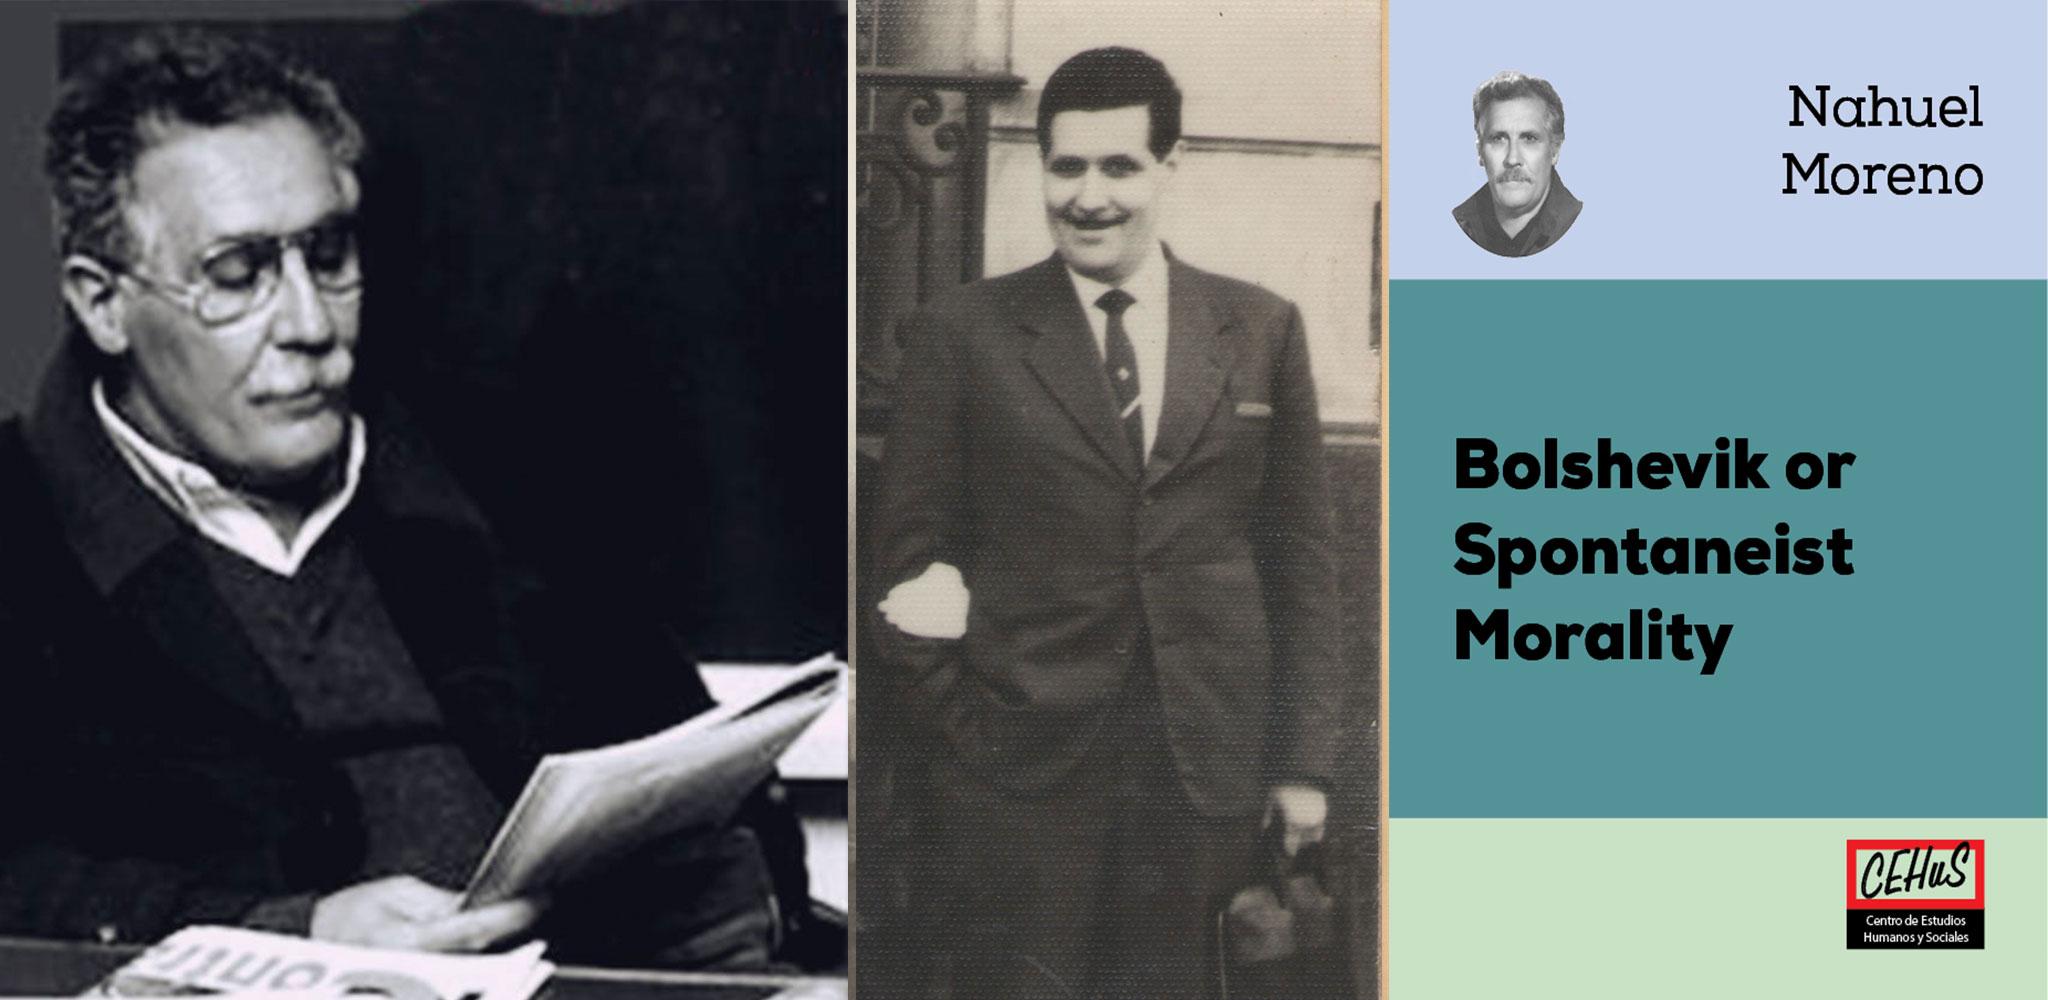 BOLSHEVIK OR SPONTANEIST MORALITY (1969)